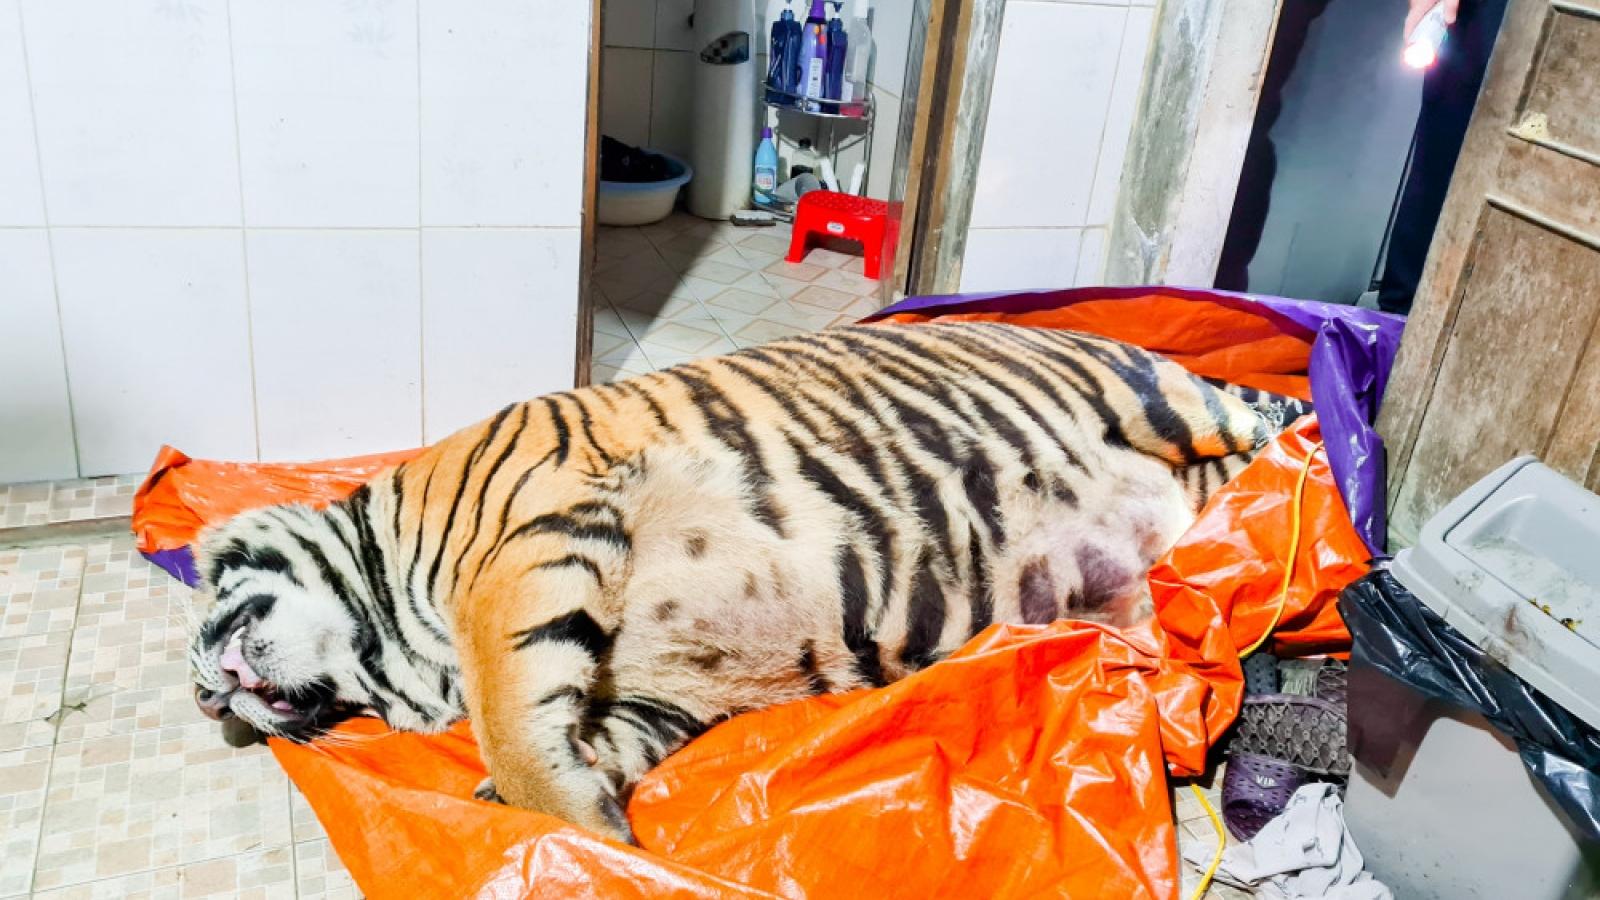 Công an Hà Tĩnh phát hiện xác một cá thể hổ nặng đến 250kg giữa sân nhà dân